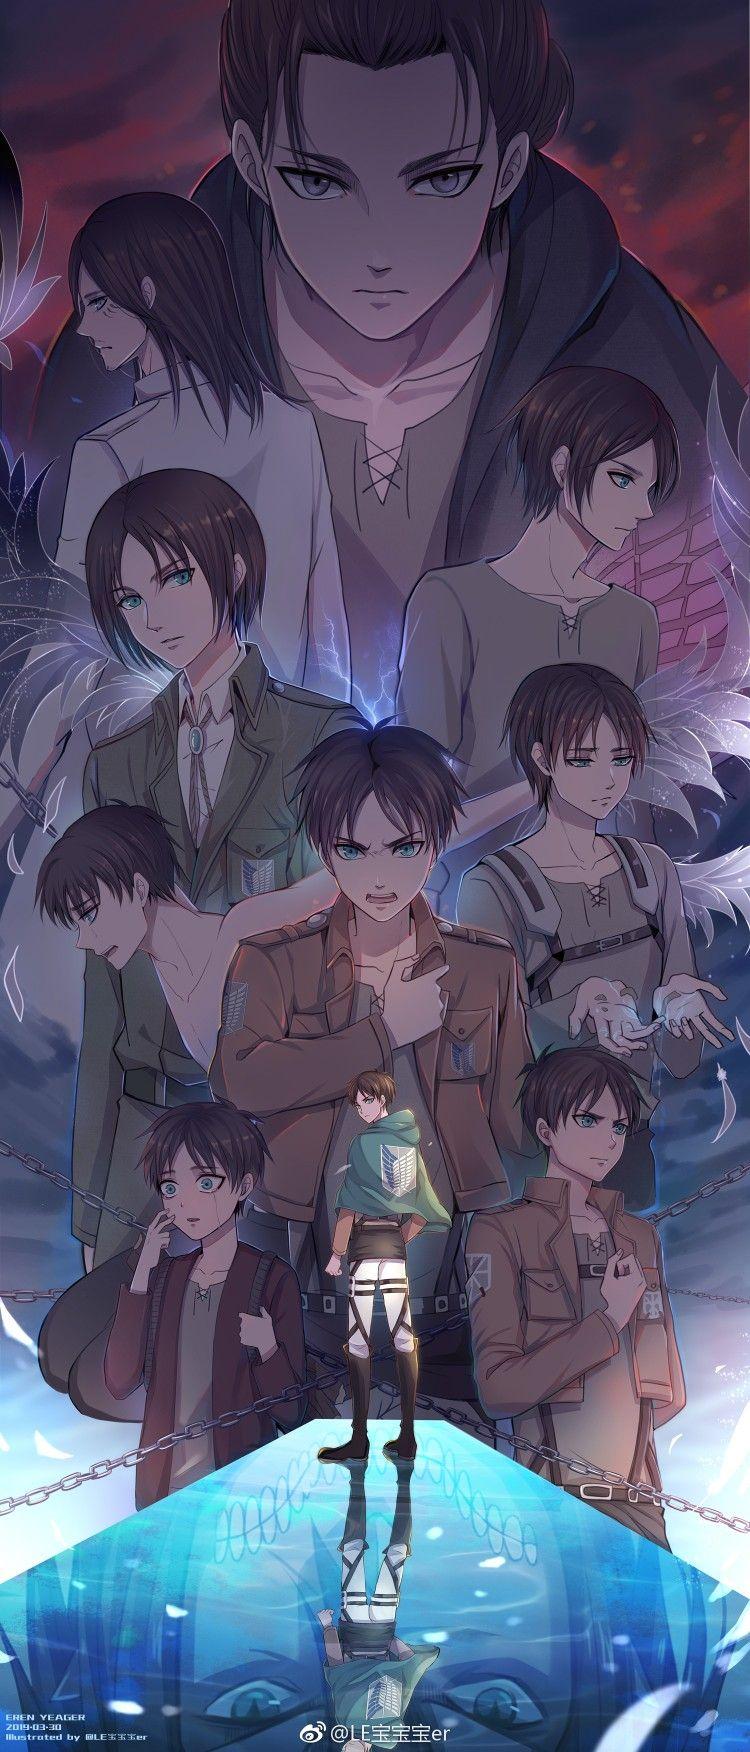 Nunca Eh Sentido Tanto Miedo Al Ver Un Anime Tampoco Eh Logrado Ver El Anime De Una Forma Dec In 2020 Attack On Titan Eren Attack On Titan Anime Attack